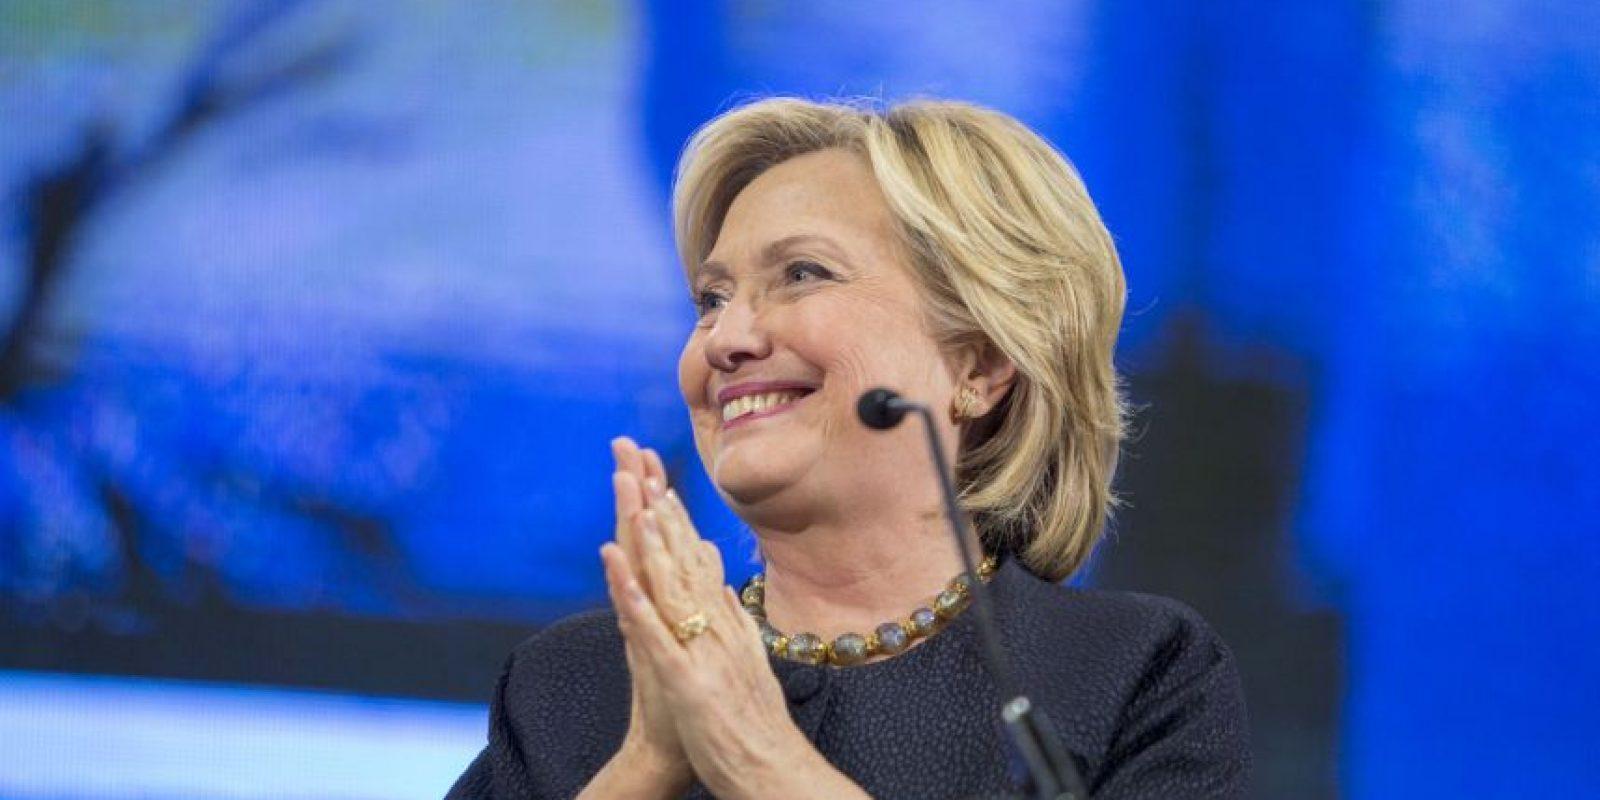 La exprimera dama de Estados Unidos cree que feminismo significa que las mujeres tienen los mismos derechos que los hombres. Foto:Getty Images